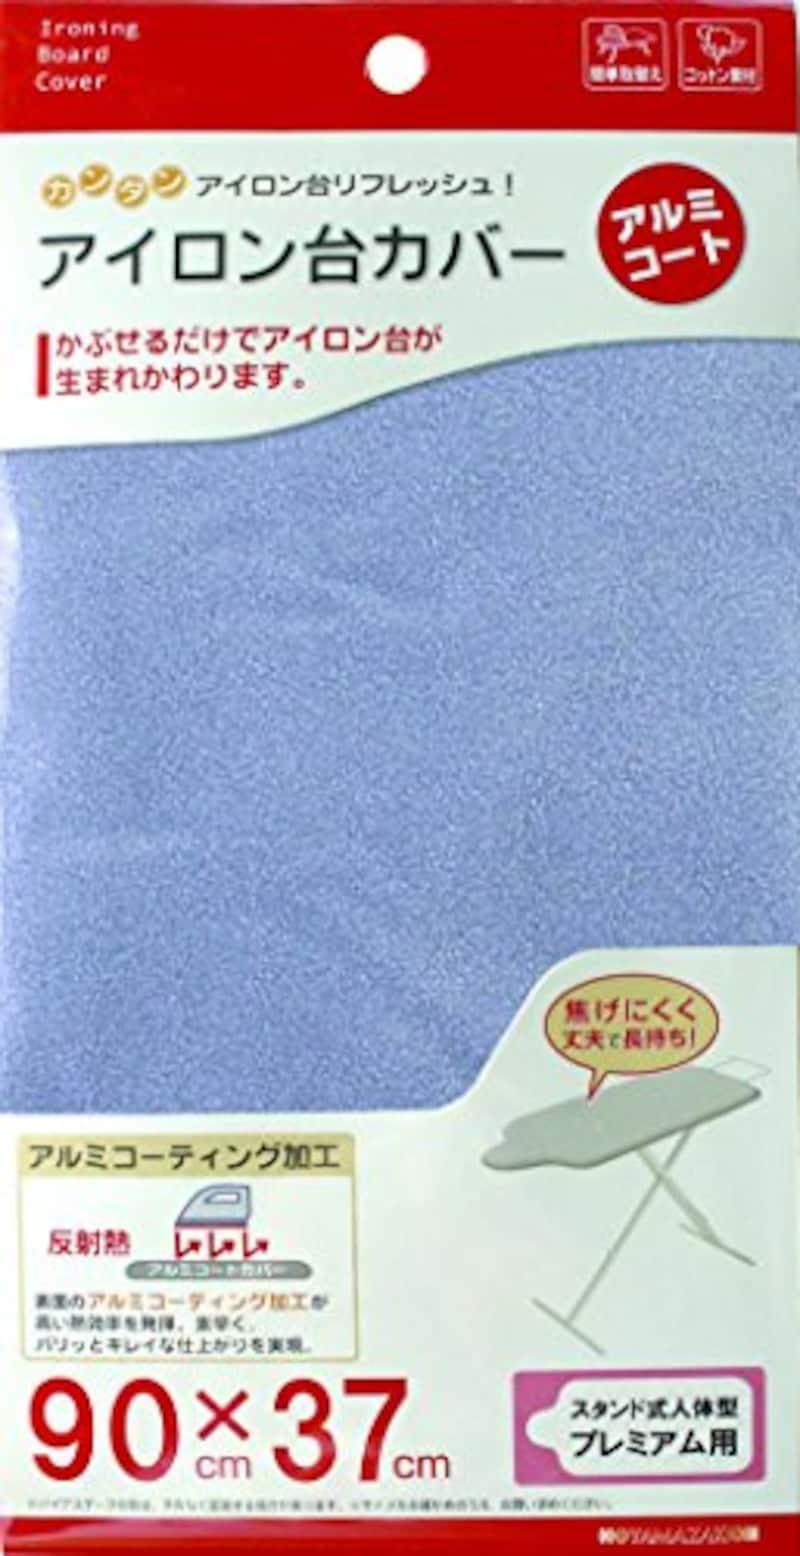 山崎実業,アルミコート 人型アイロン台カバー